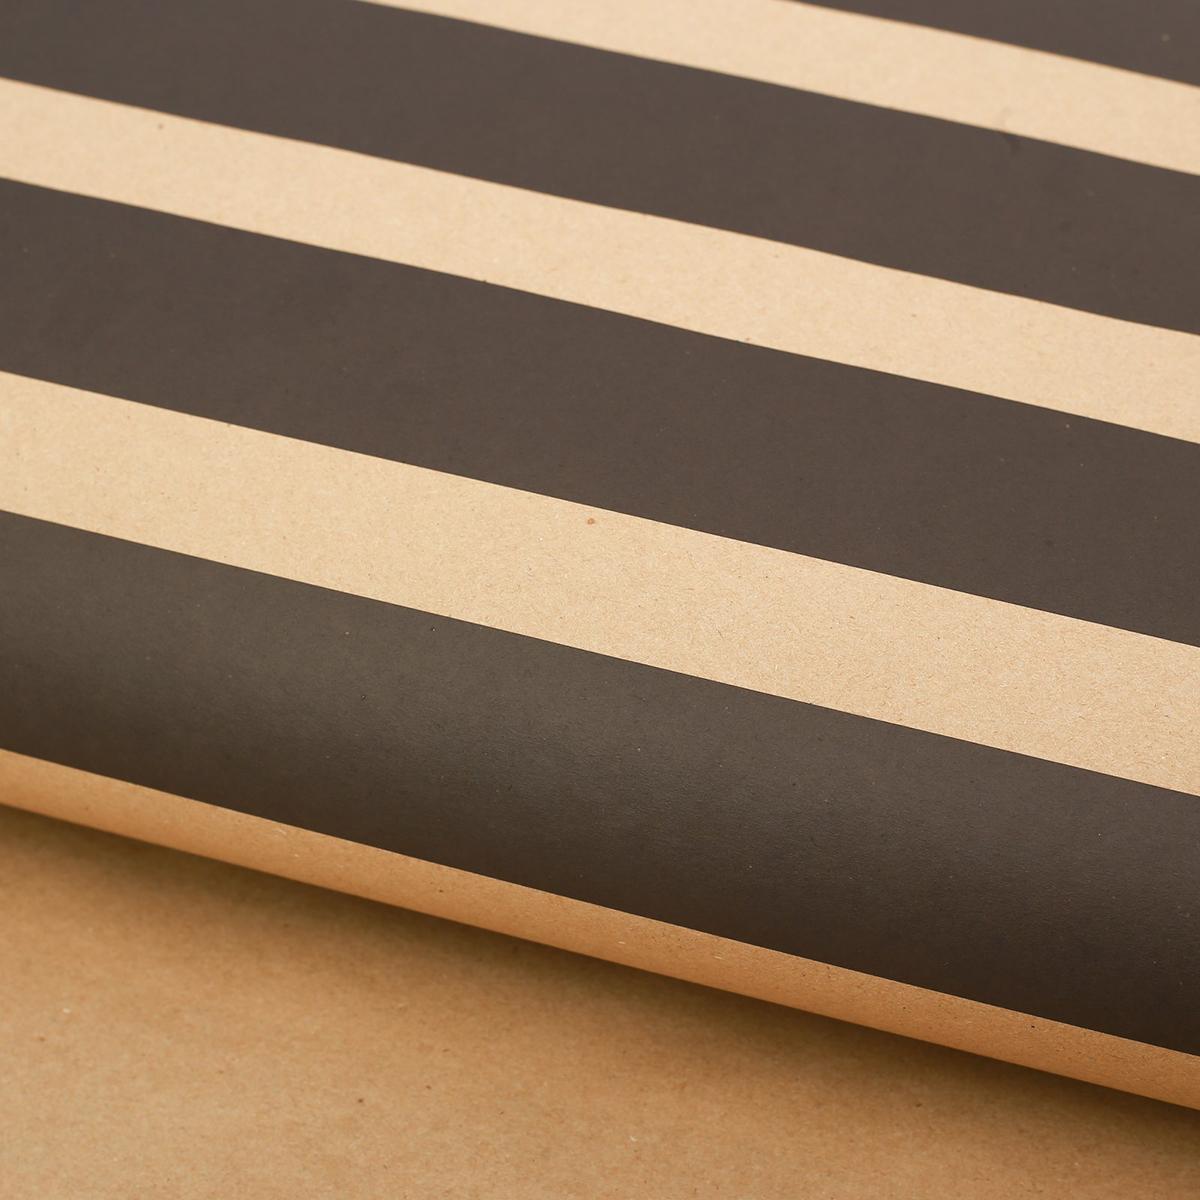 Крафт бумага Дарите Счастье Черная полоска, 50 х 70 см2771485Любой подарок начинается с упаковки. Что может быть трогательнее и волшебнее, чем ритуал разворачивания полученного презента. И именно оригинальная, со вкусом выбранная упаковка выделит ваш подарок из массы других. Она продемонстрирует самые теплые чувства к виновнику торжества и создаст сказочную атмосферу праздника.